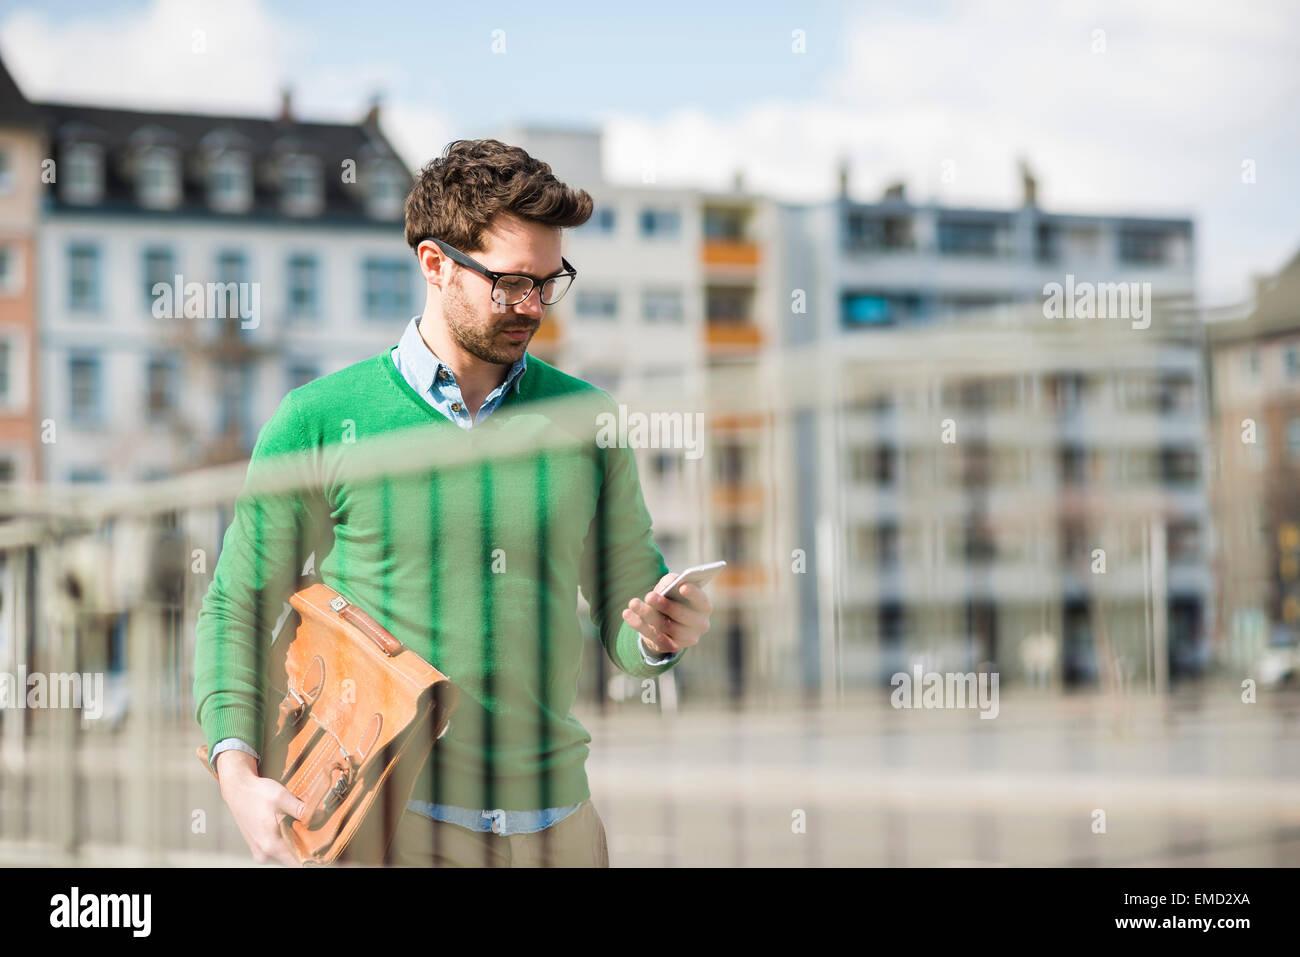 Uomo in maglione verde che porta nella valigetta, la lettura di un messaggio di testo Immagini Stock